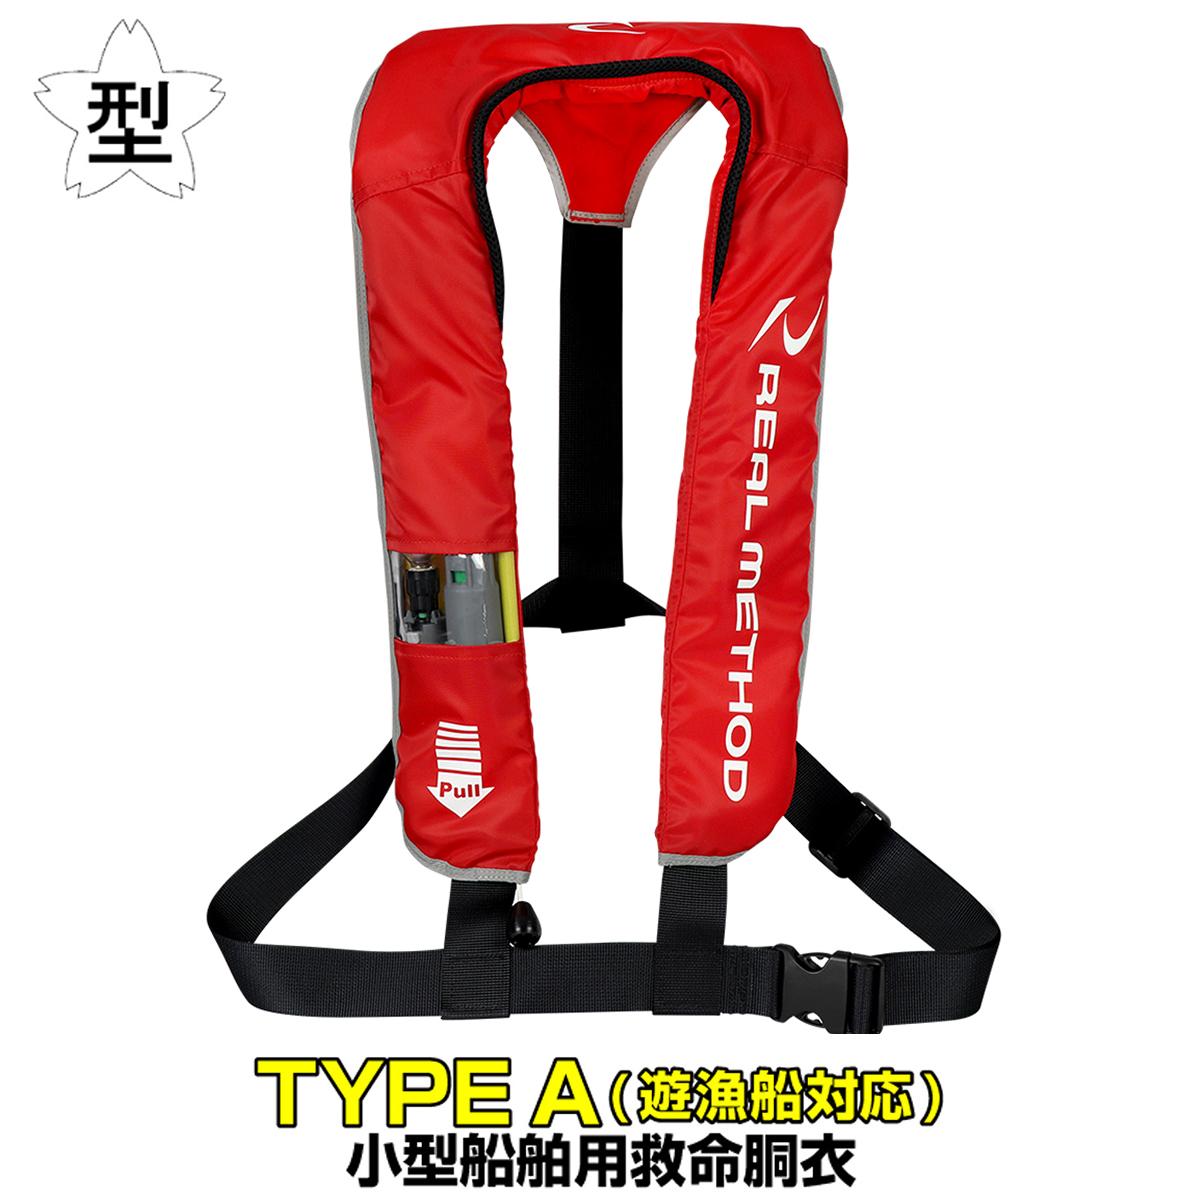 タカミヤ REALMETHOD 自動/手動式兼用 膨脹式ライフジャケット ショルダータイプ BJ-2700型 レッド ※遊漁船対応(東日本店)